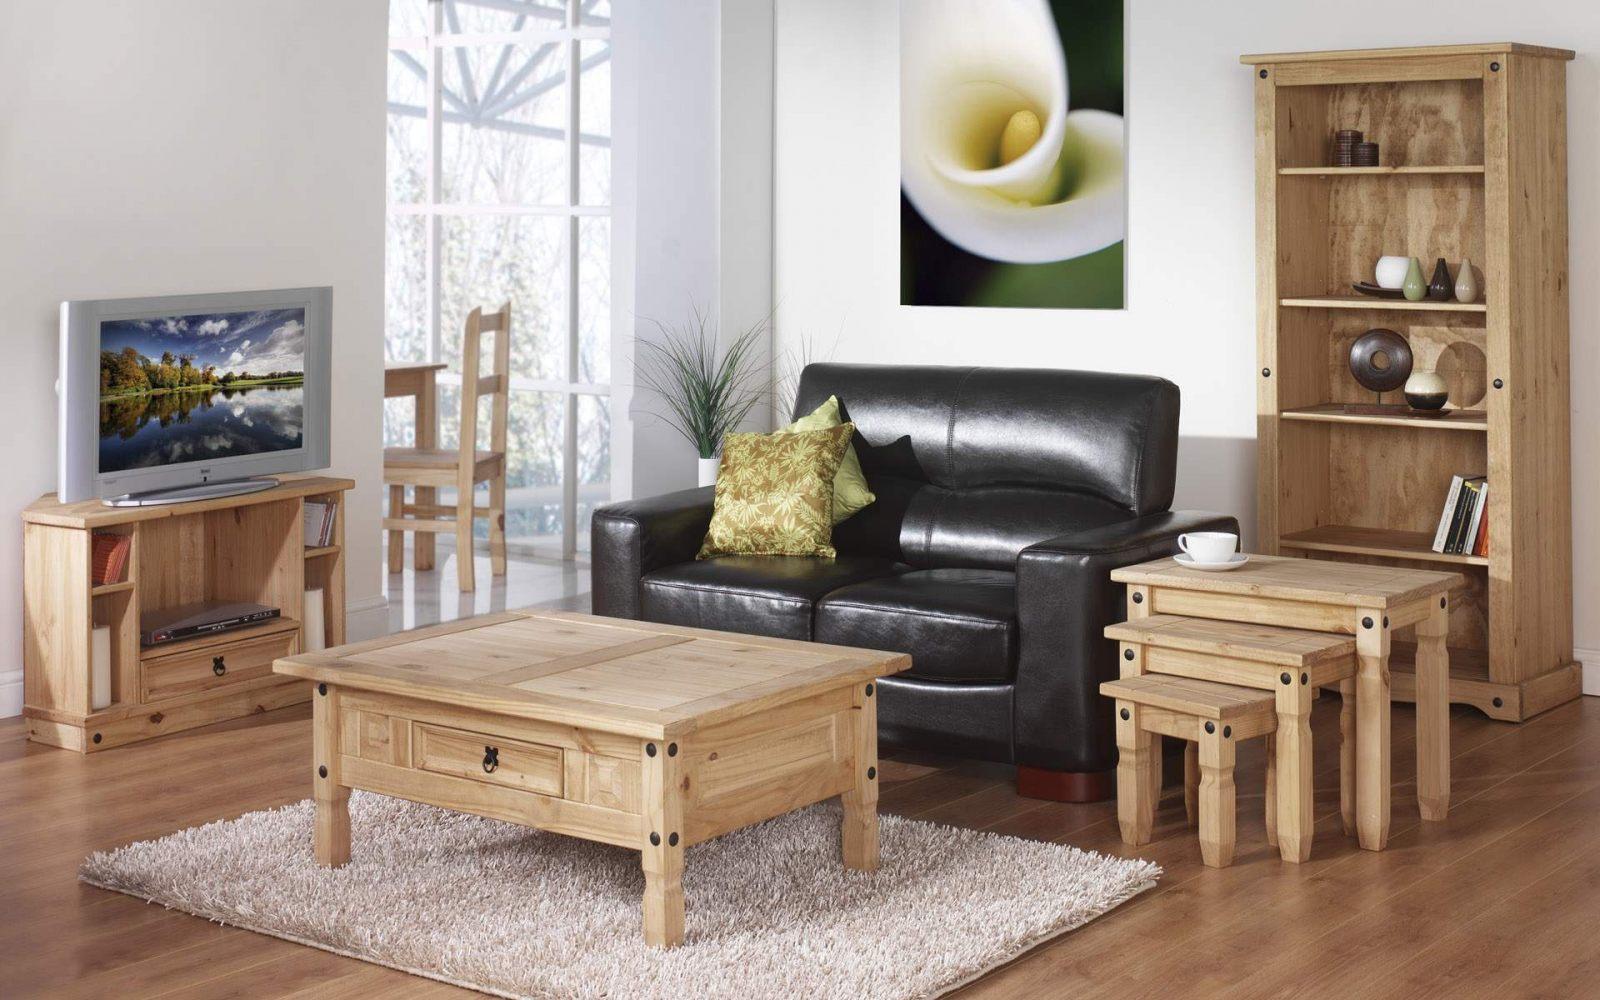 Móveis Para A Sala :: Fotos E Imagens